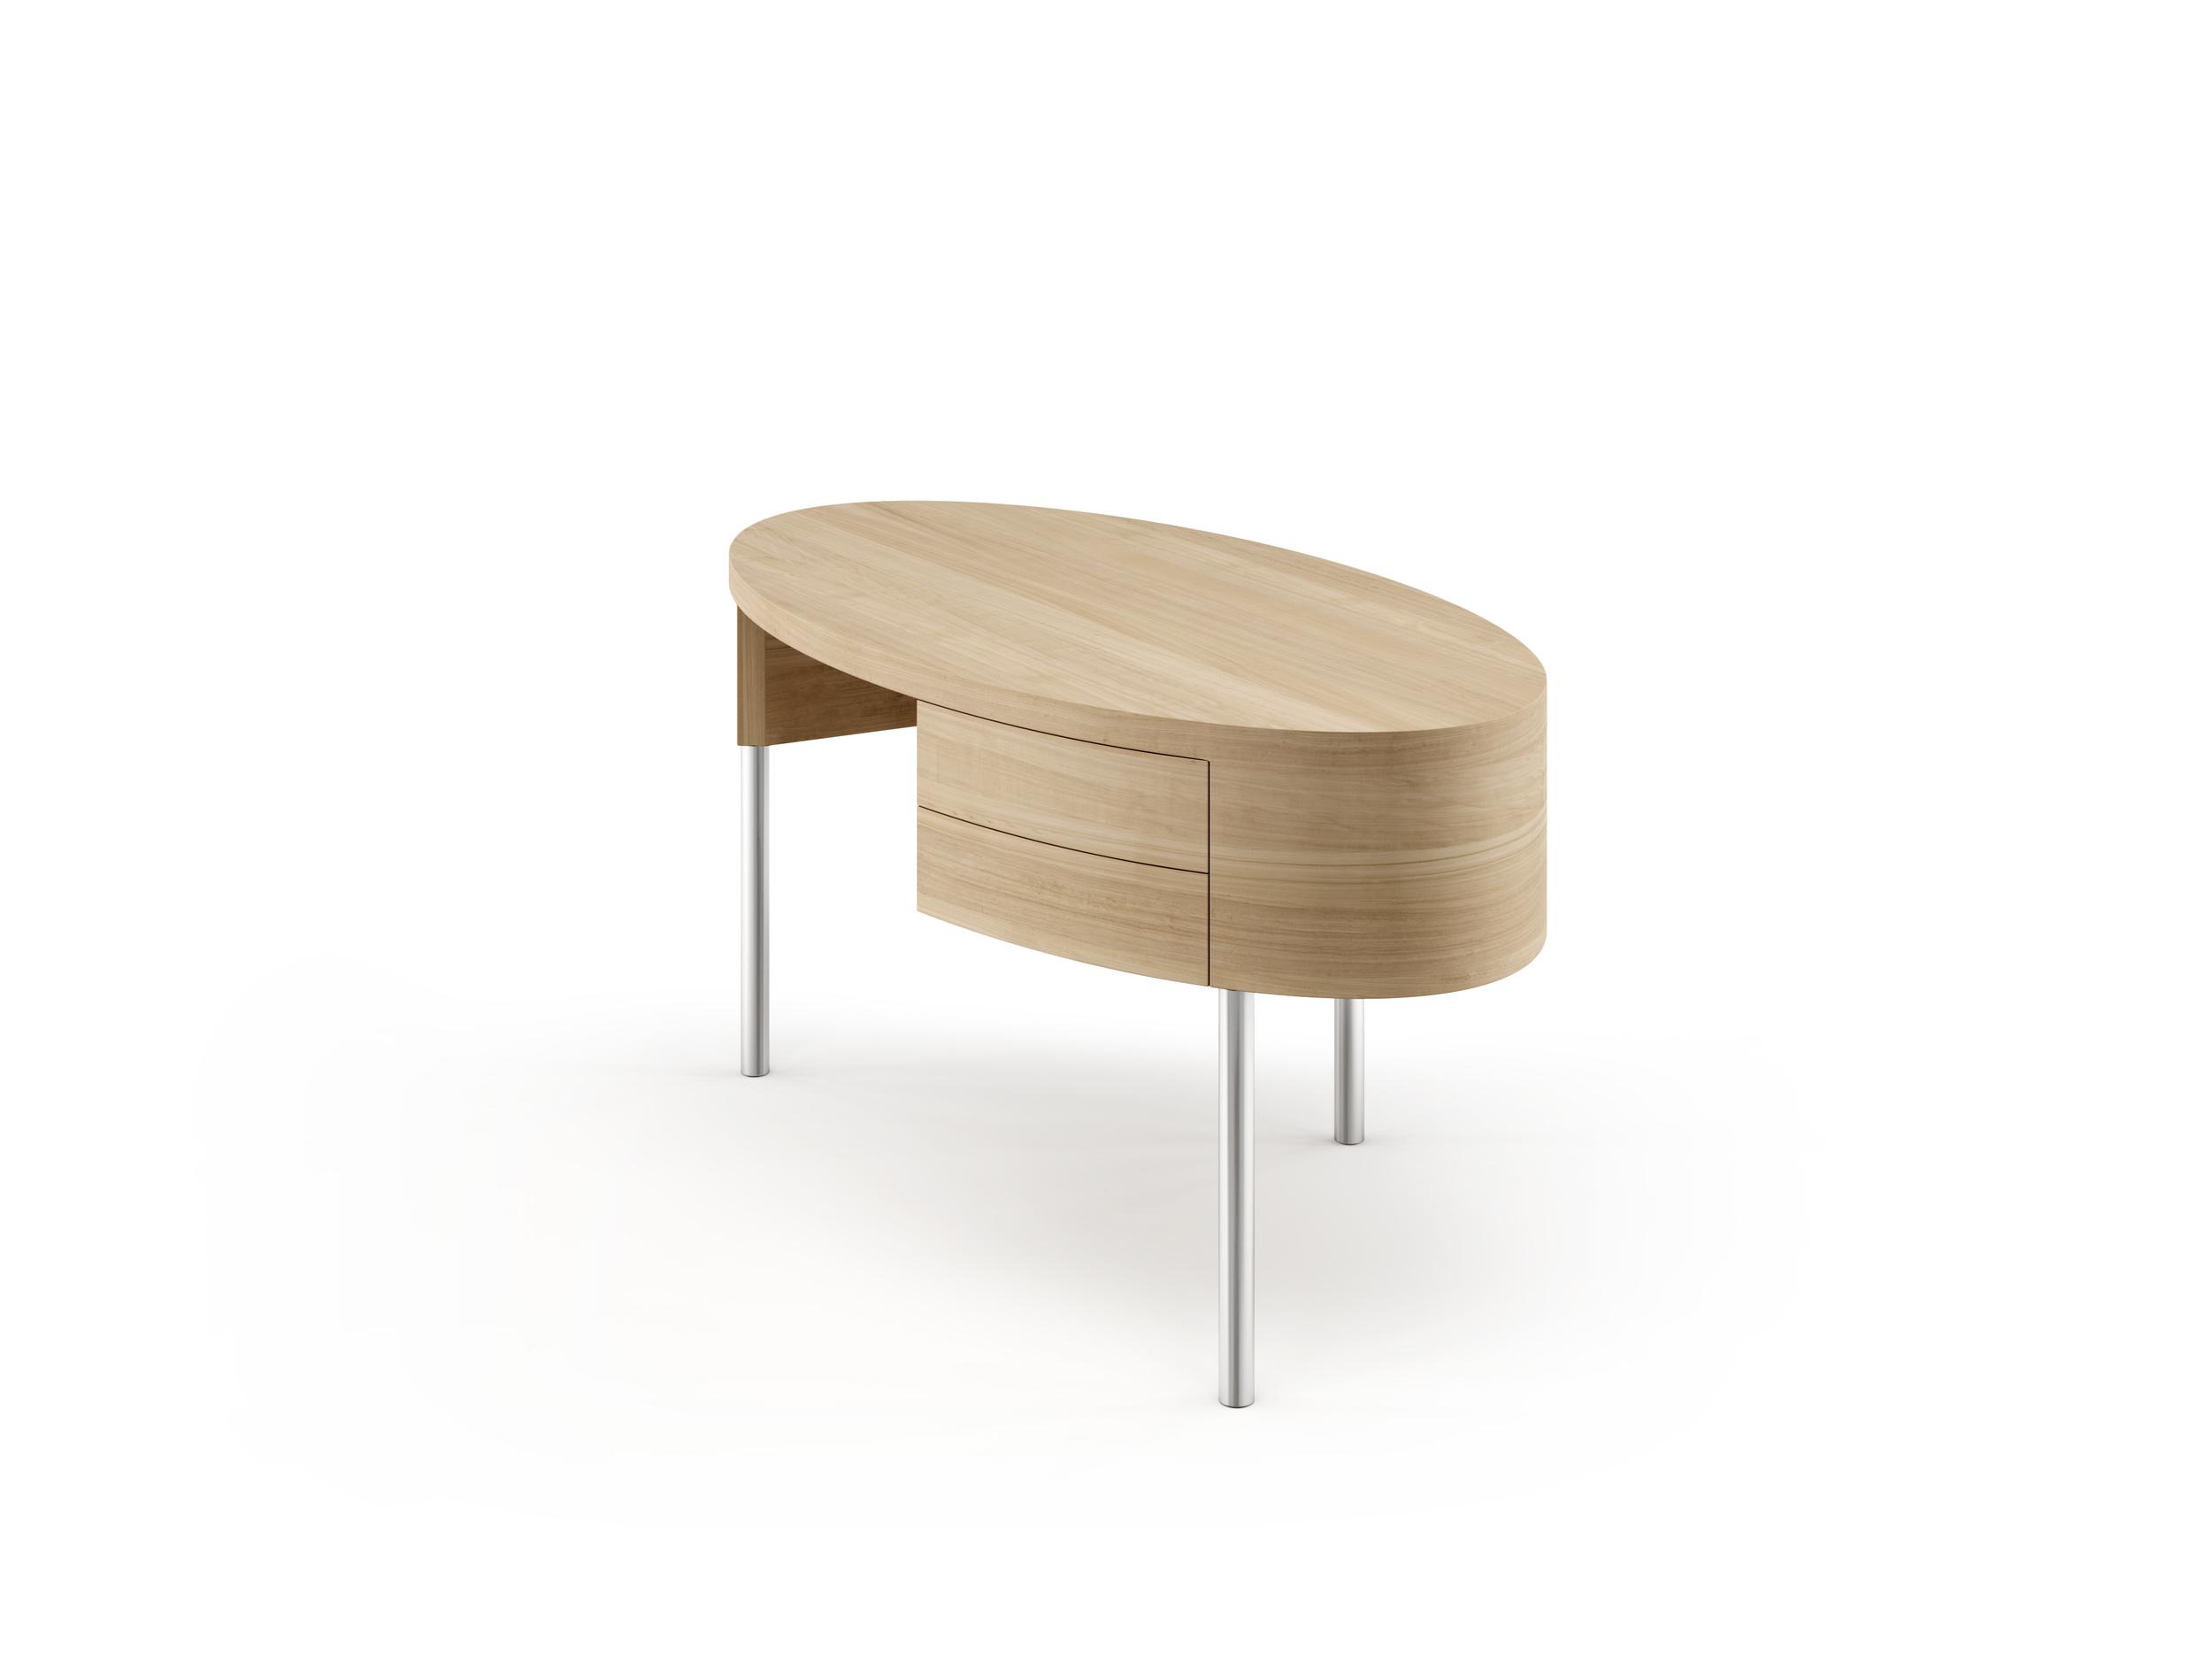 AZ Table by Derin